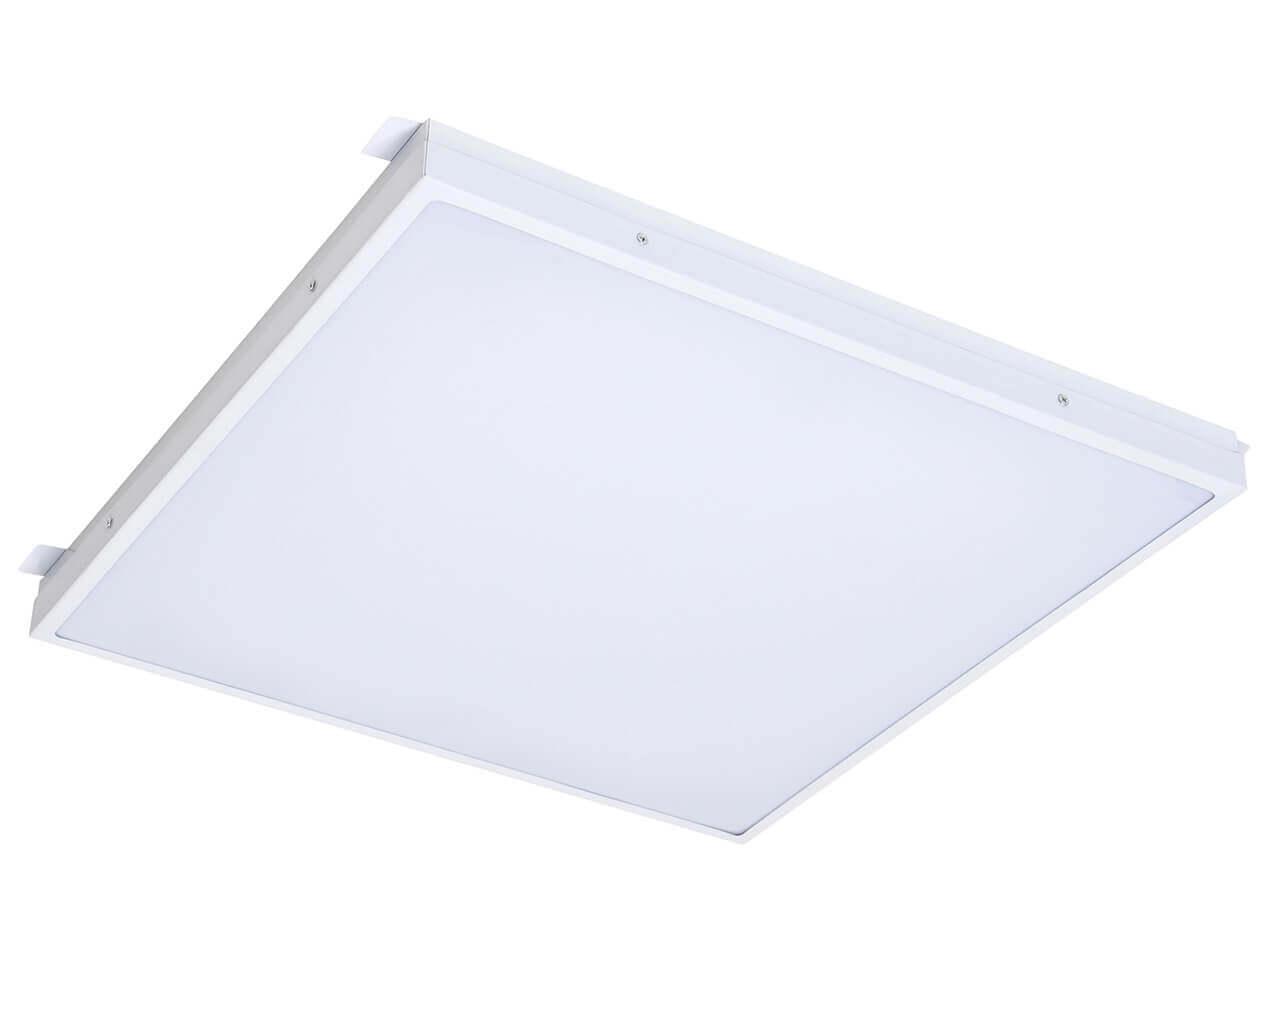 Cветильник грильято LC-GIP-40-OP 580*580 IP65 Теплый белый Опал